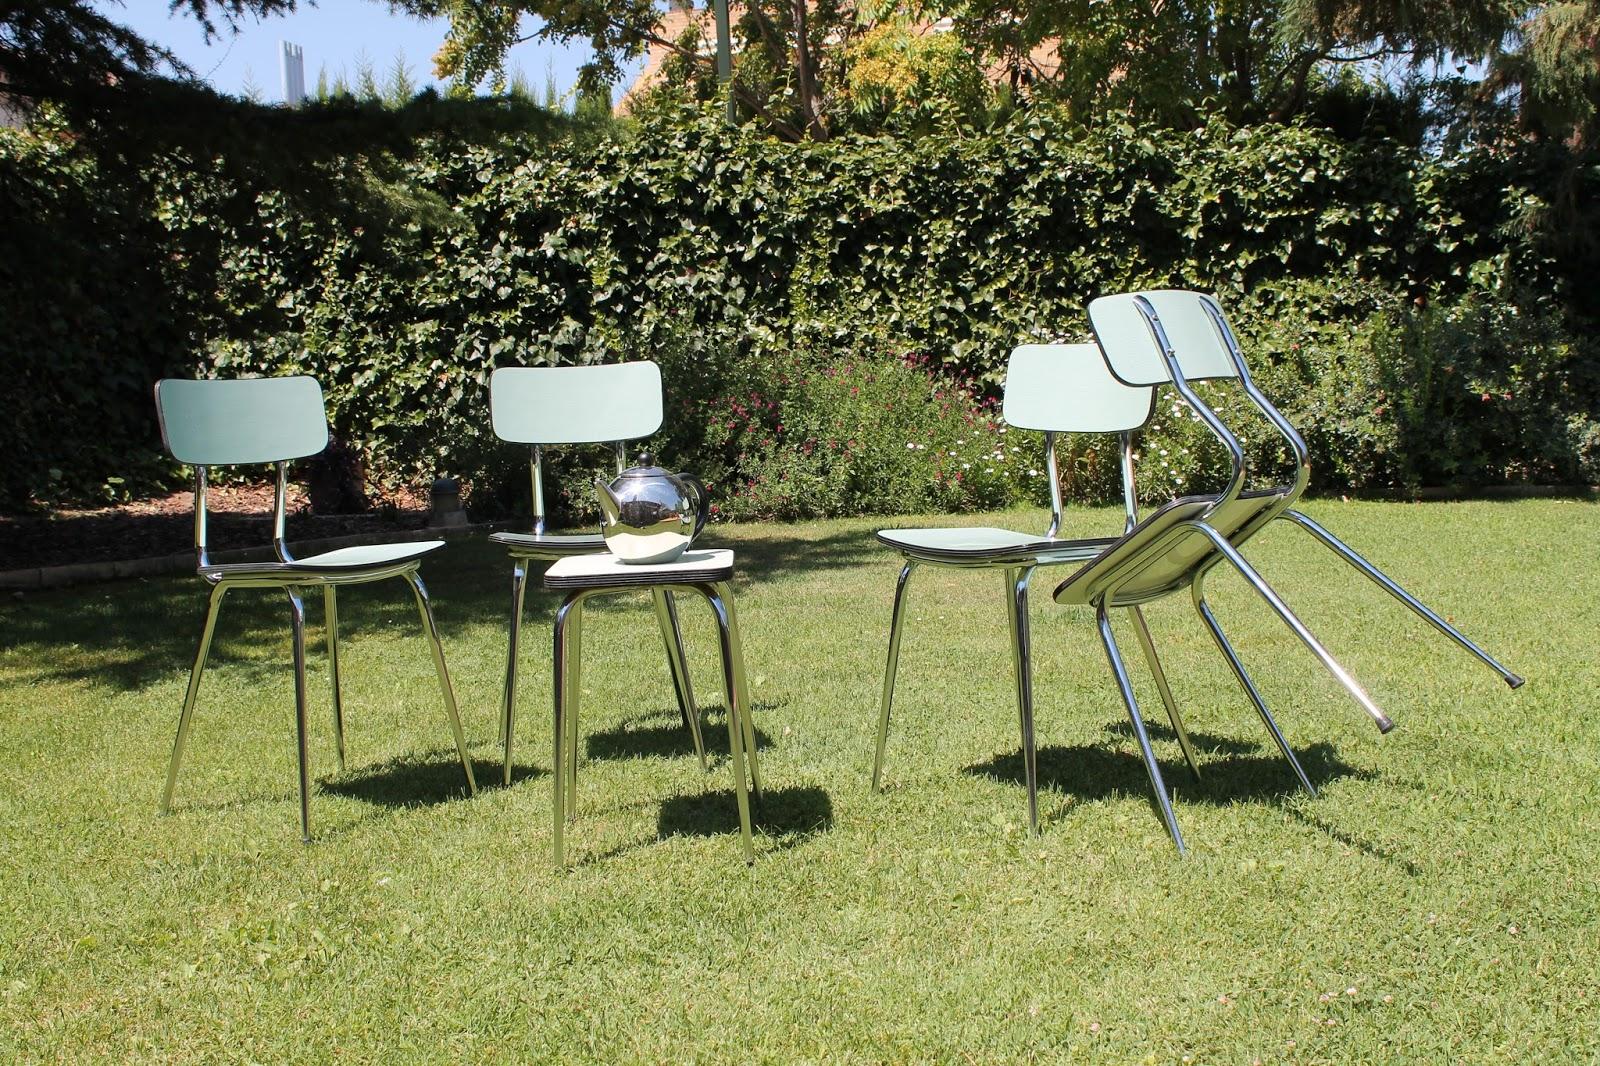 Vintager a conjunto sillas formica color verde pata c nica a os 50 60 - Sillas formica ...